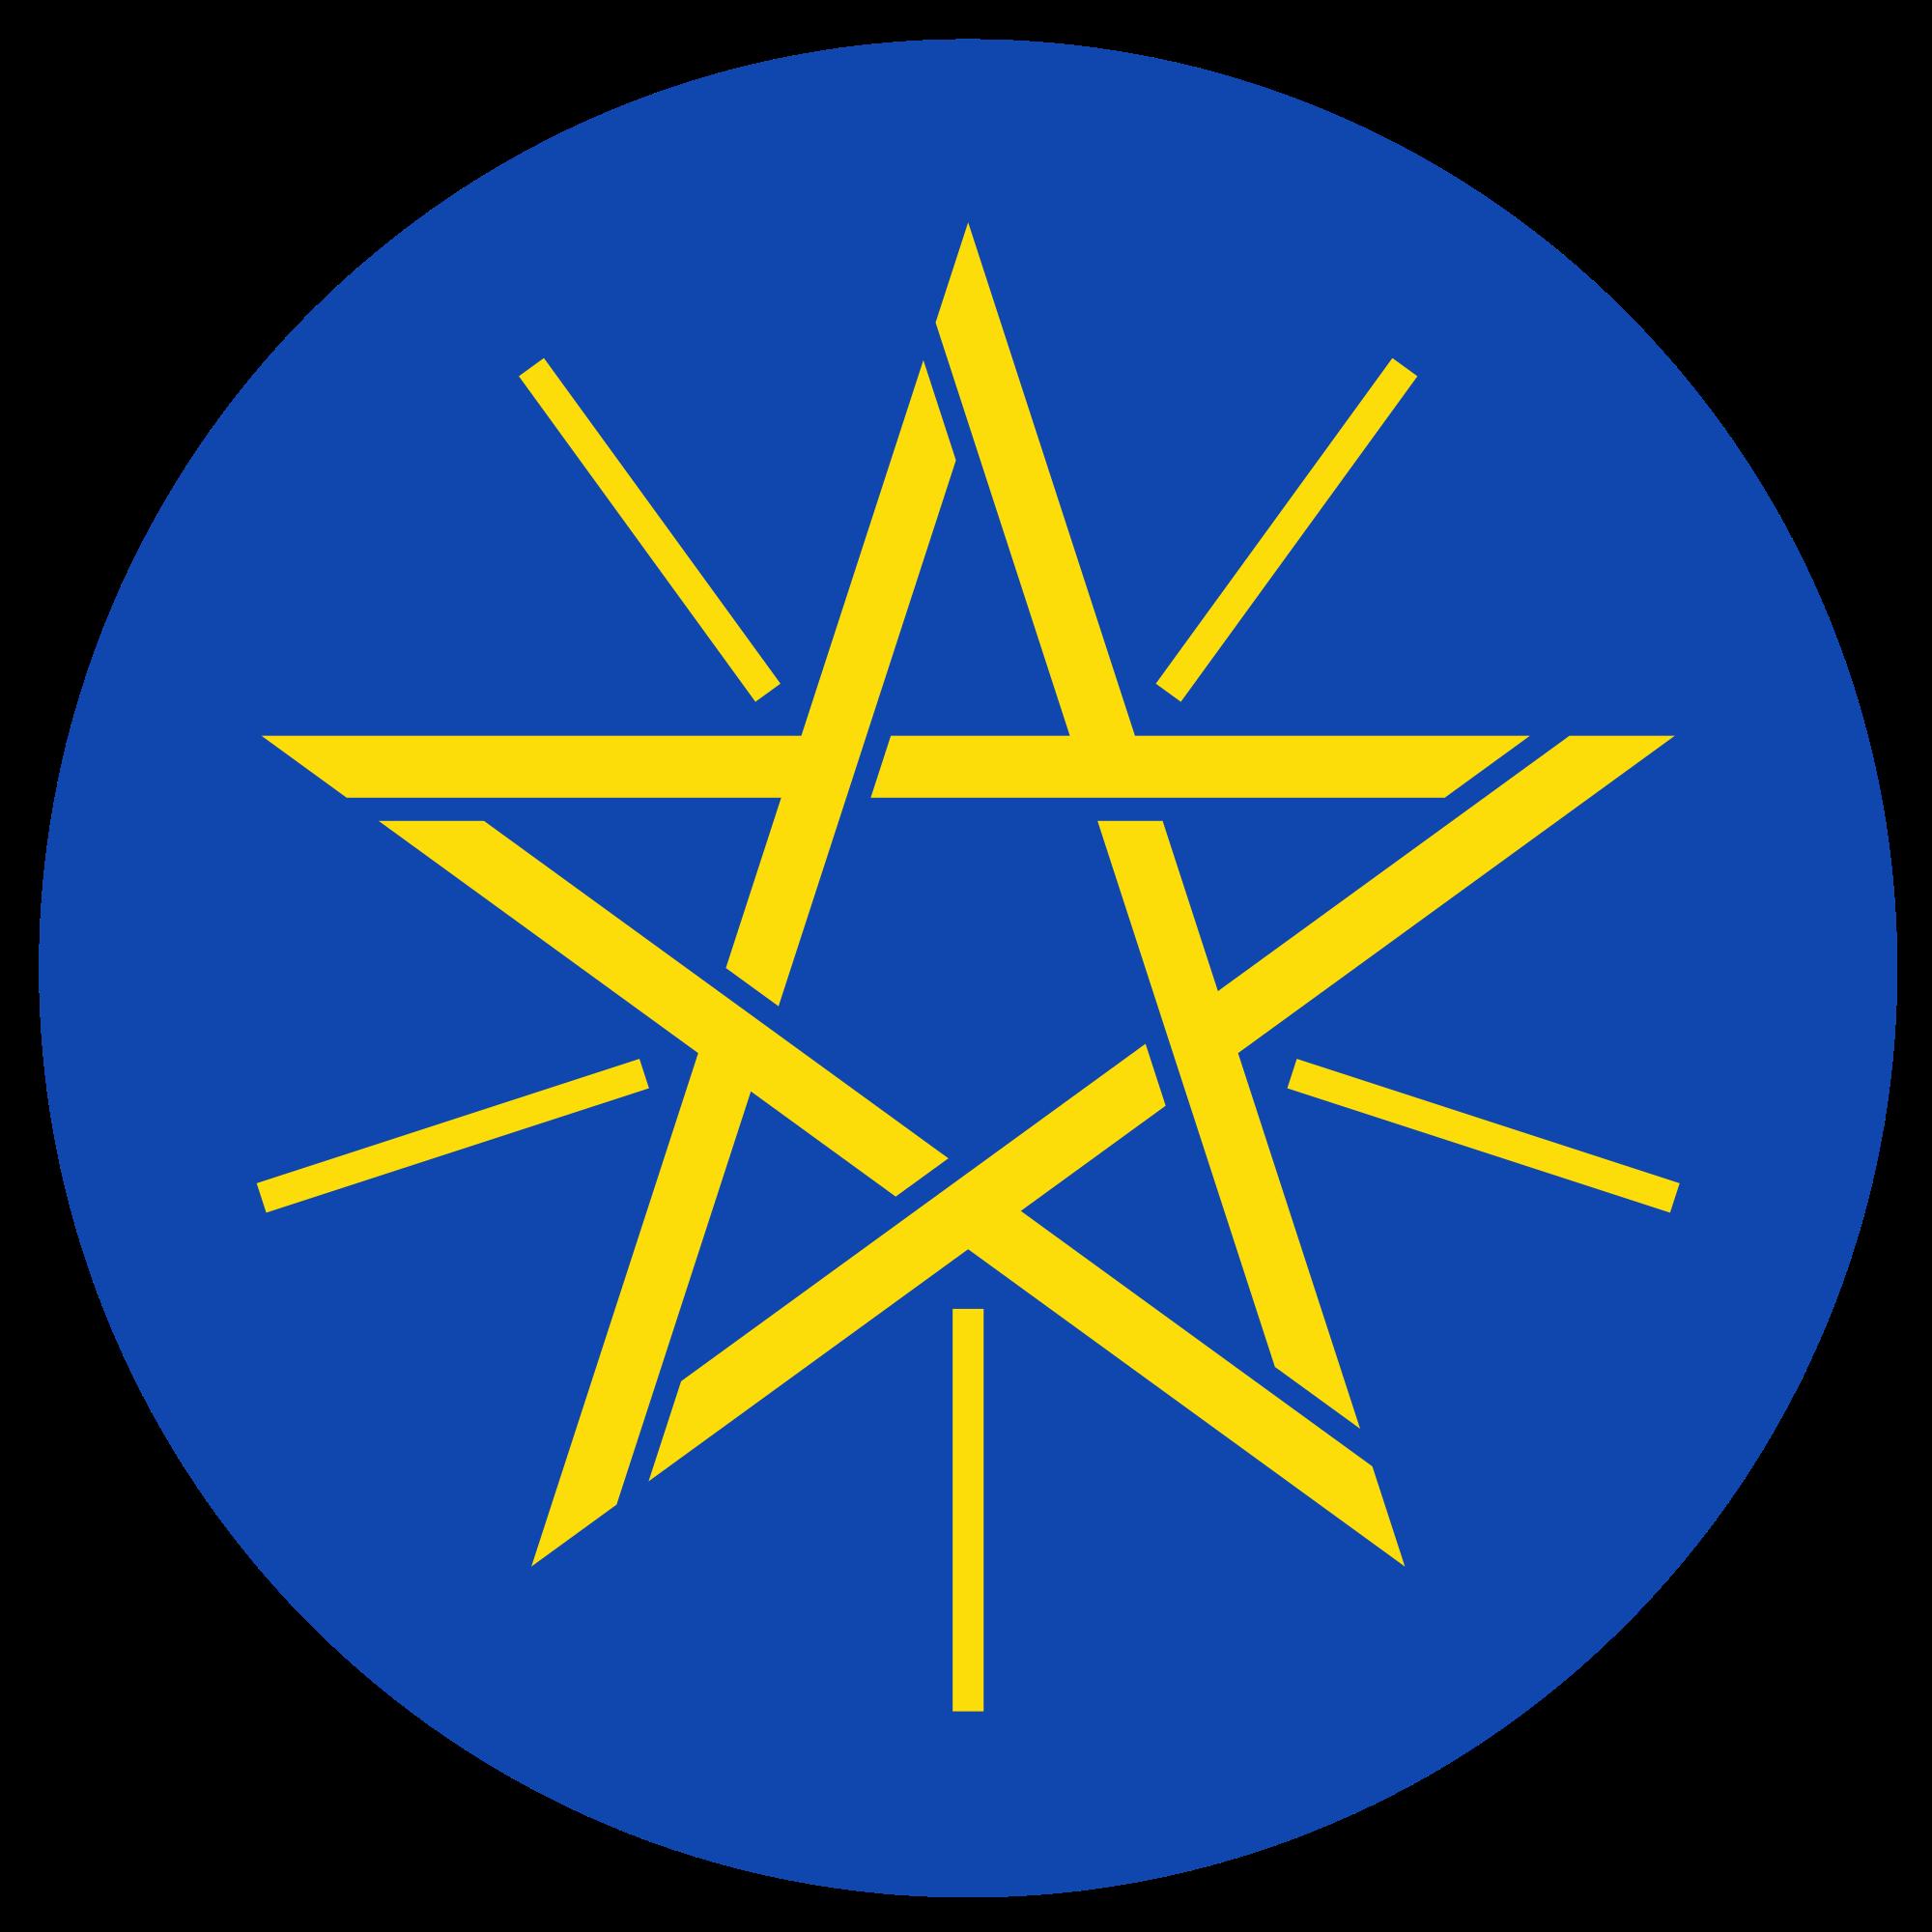 Wapenschild van Ethiopië